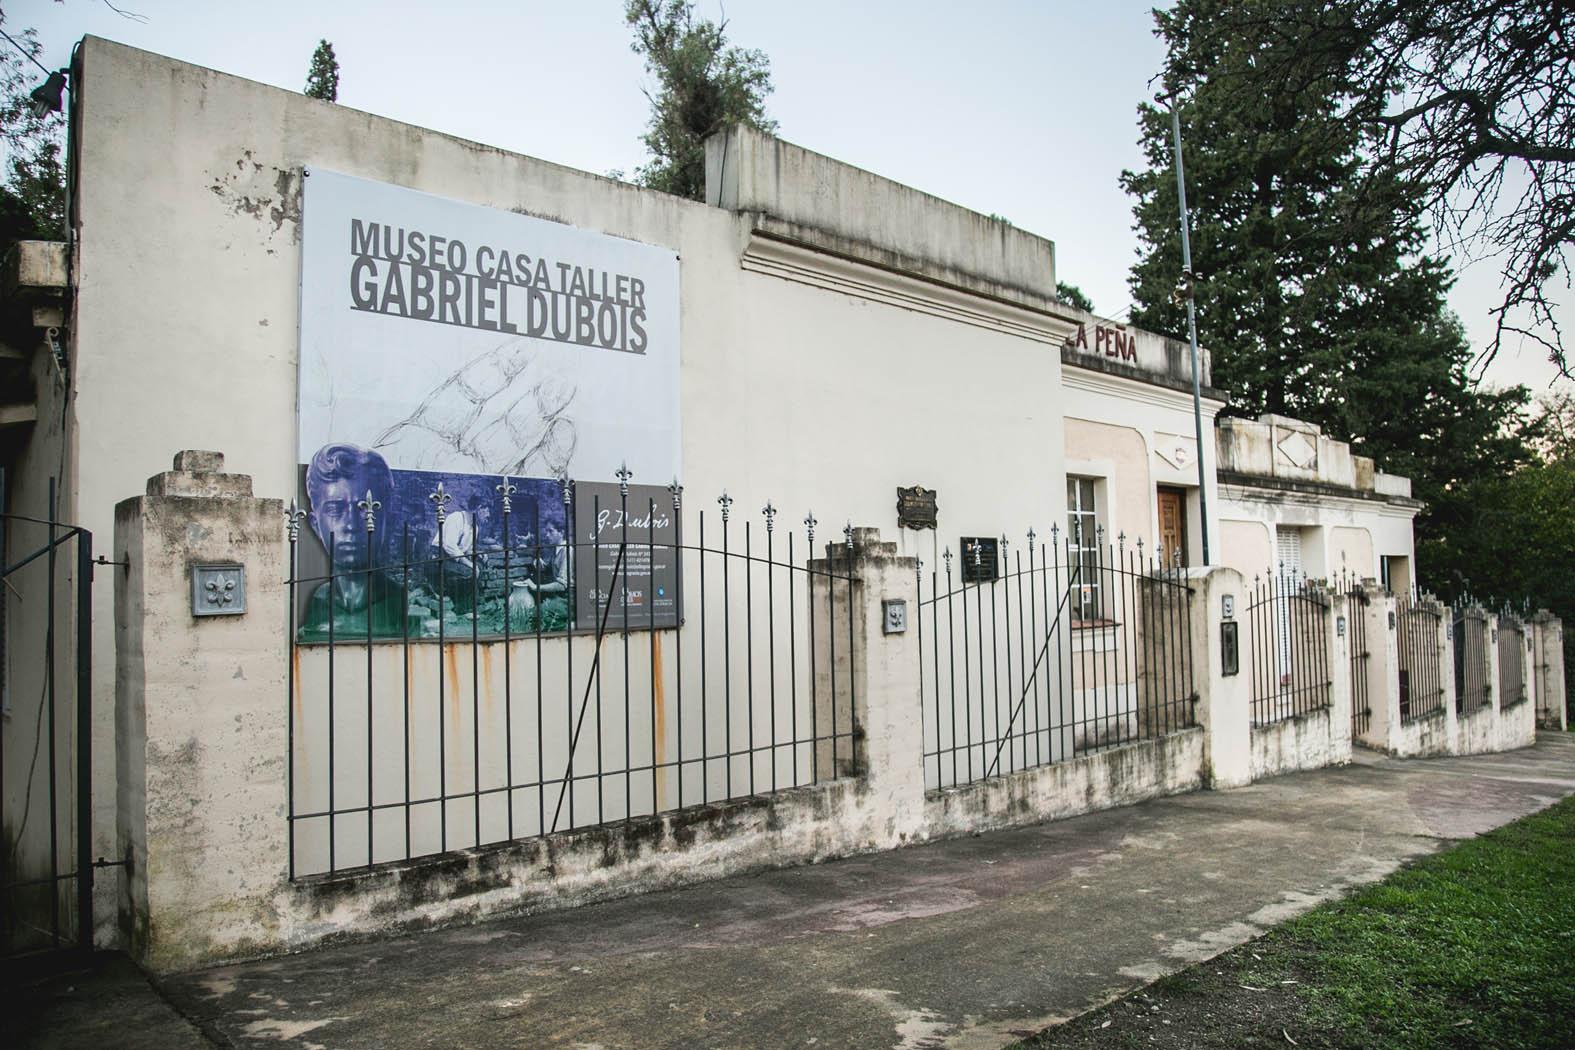 Inician los cursos y talleres de arte en el Museo Gabriel Dubois